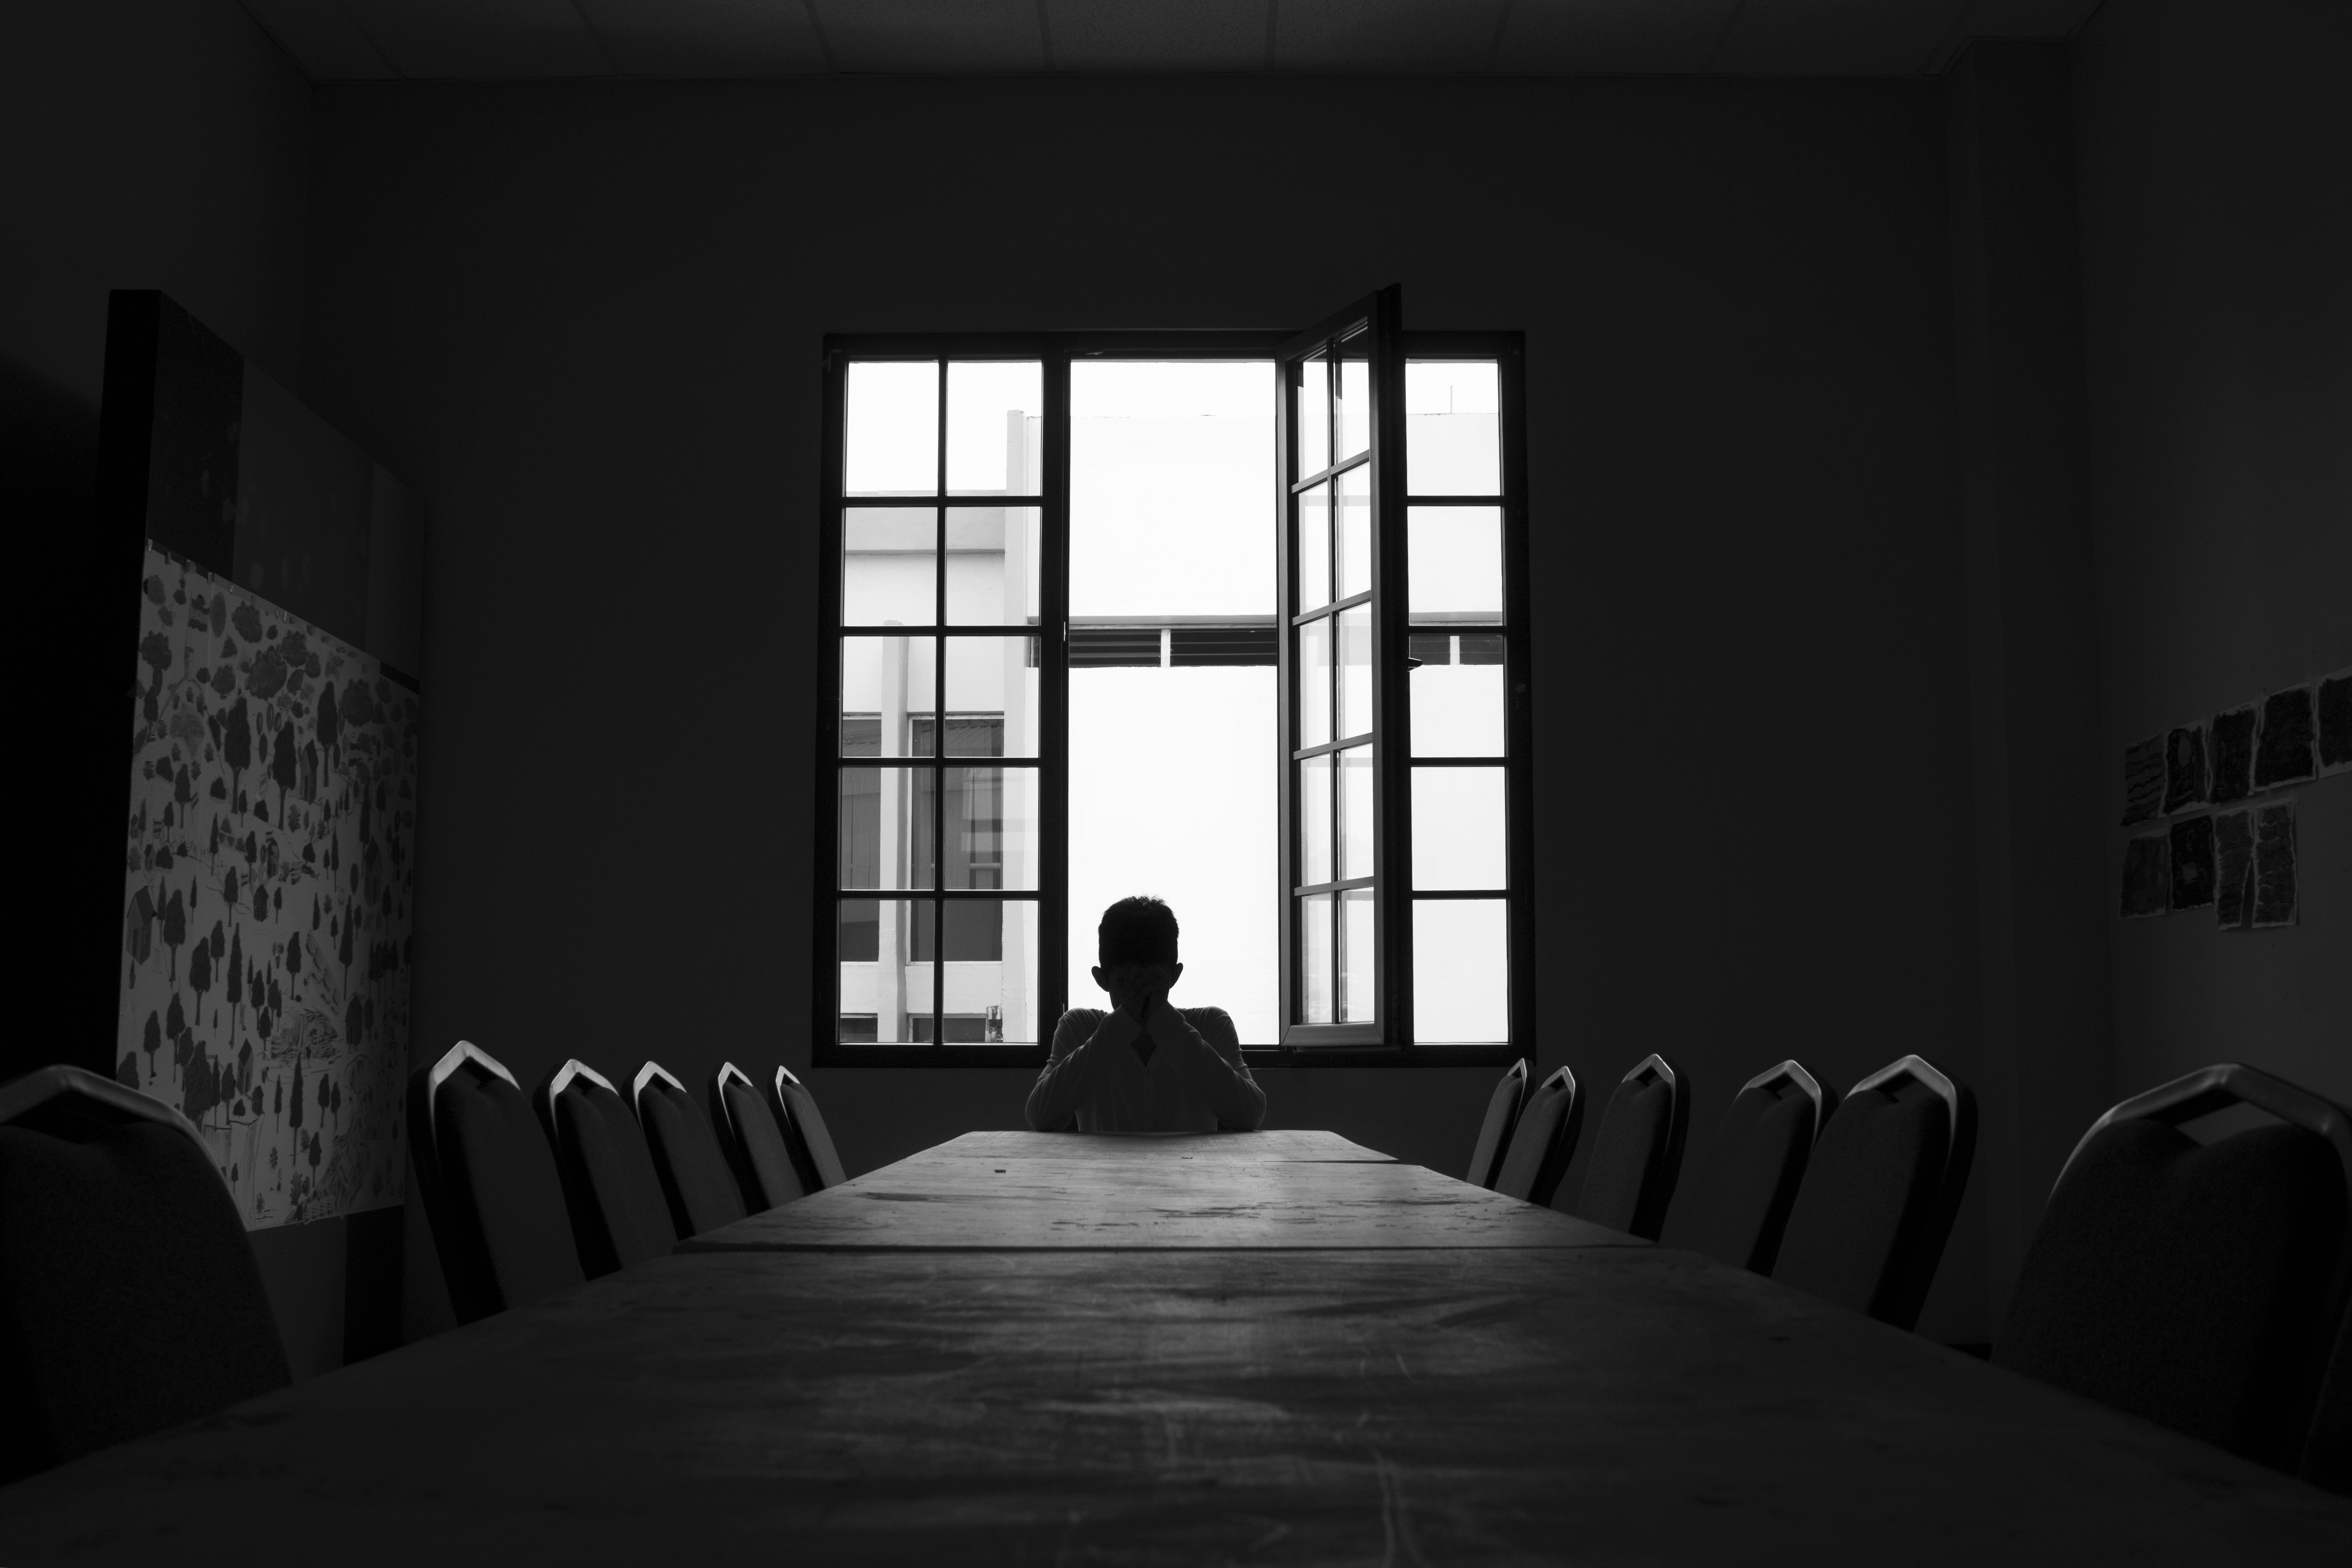 The hidden cost of meetings